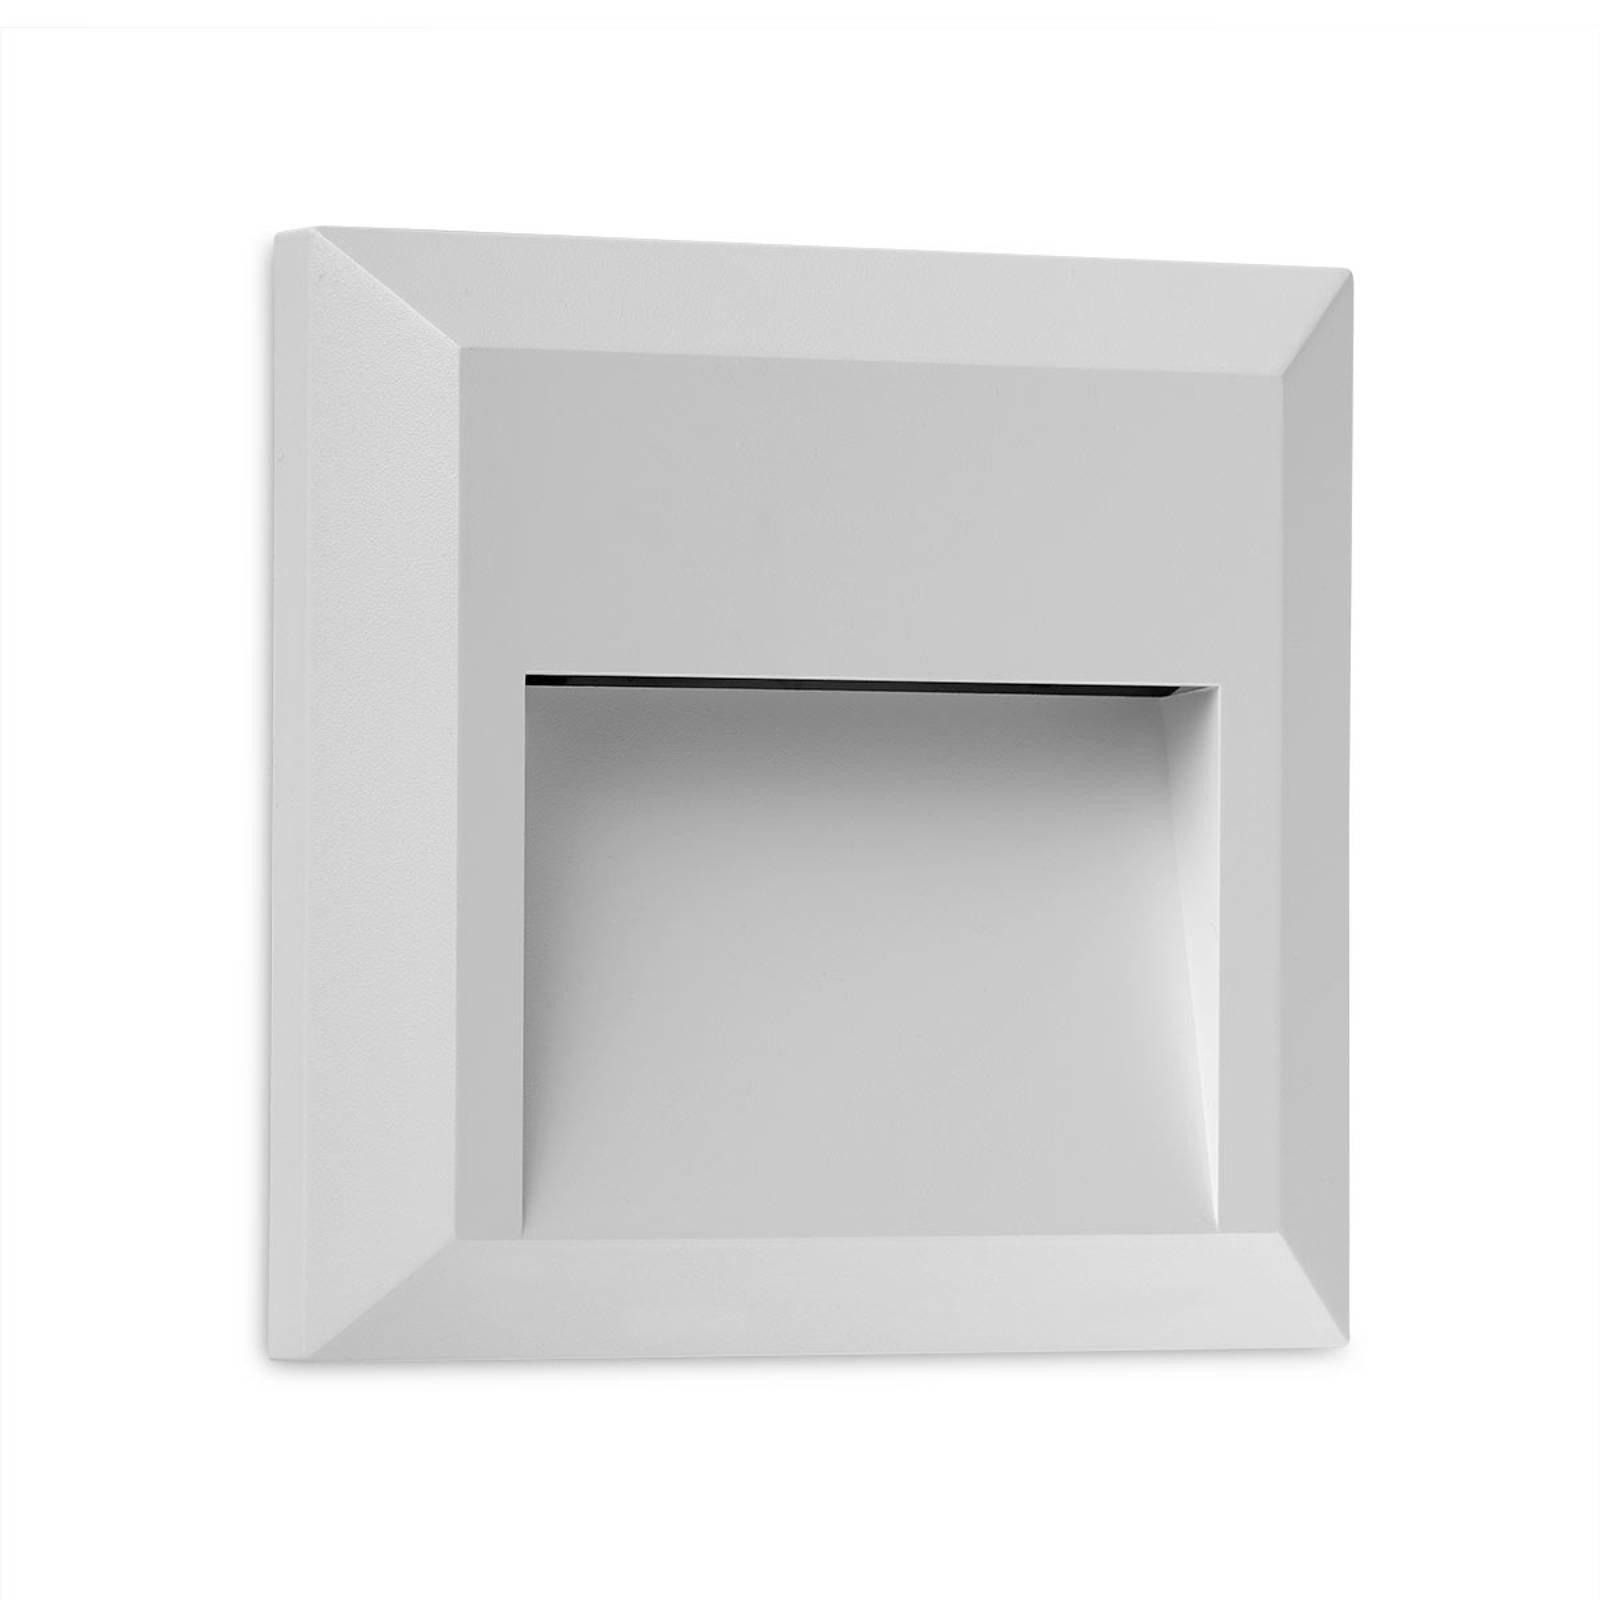 Kössel kvadratisk utendørs LED-vegglampe